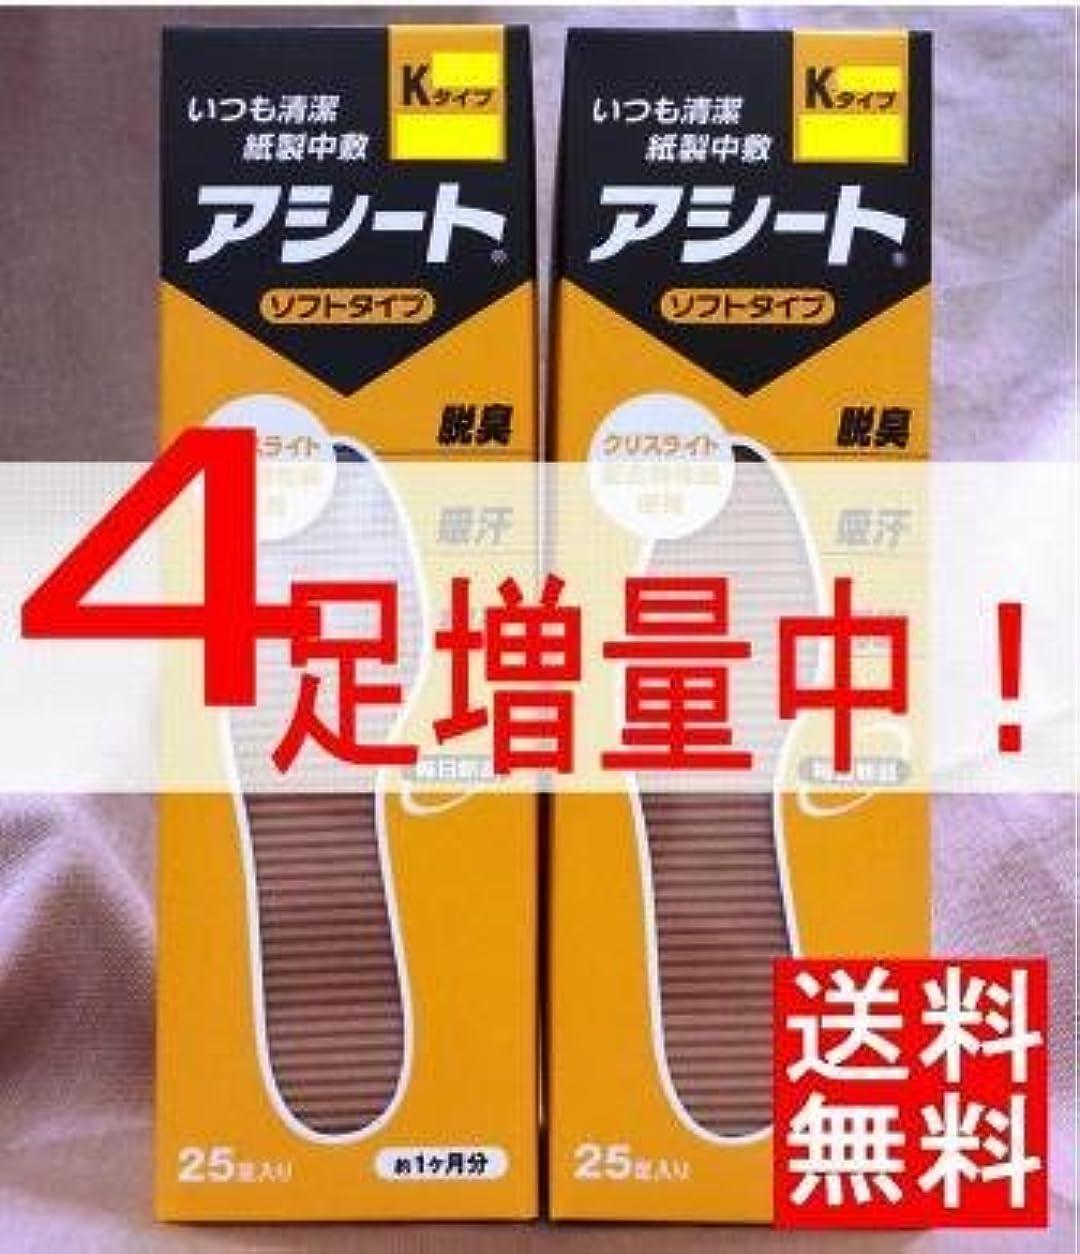 代わりの実施する肥沃なアシートKタイプ(サイズ26㎝)25足入×2箱セット(4足増量中)